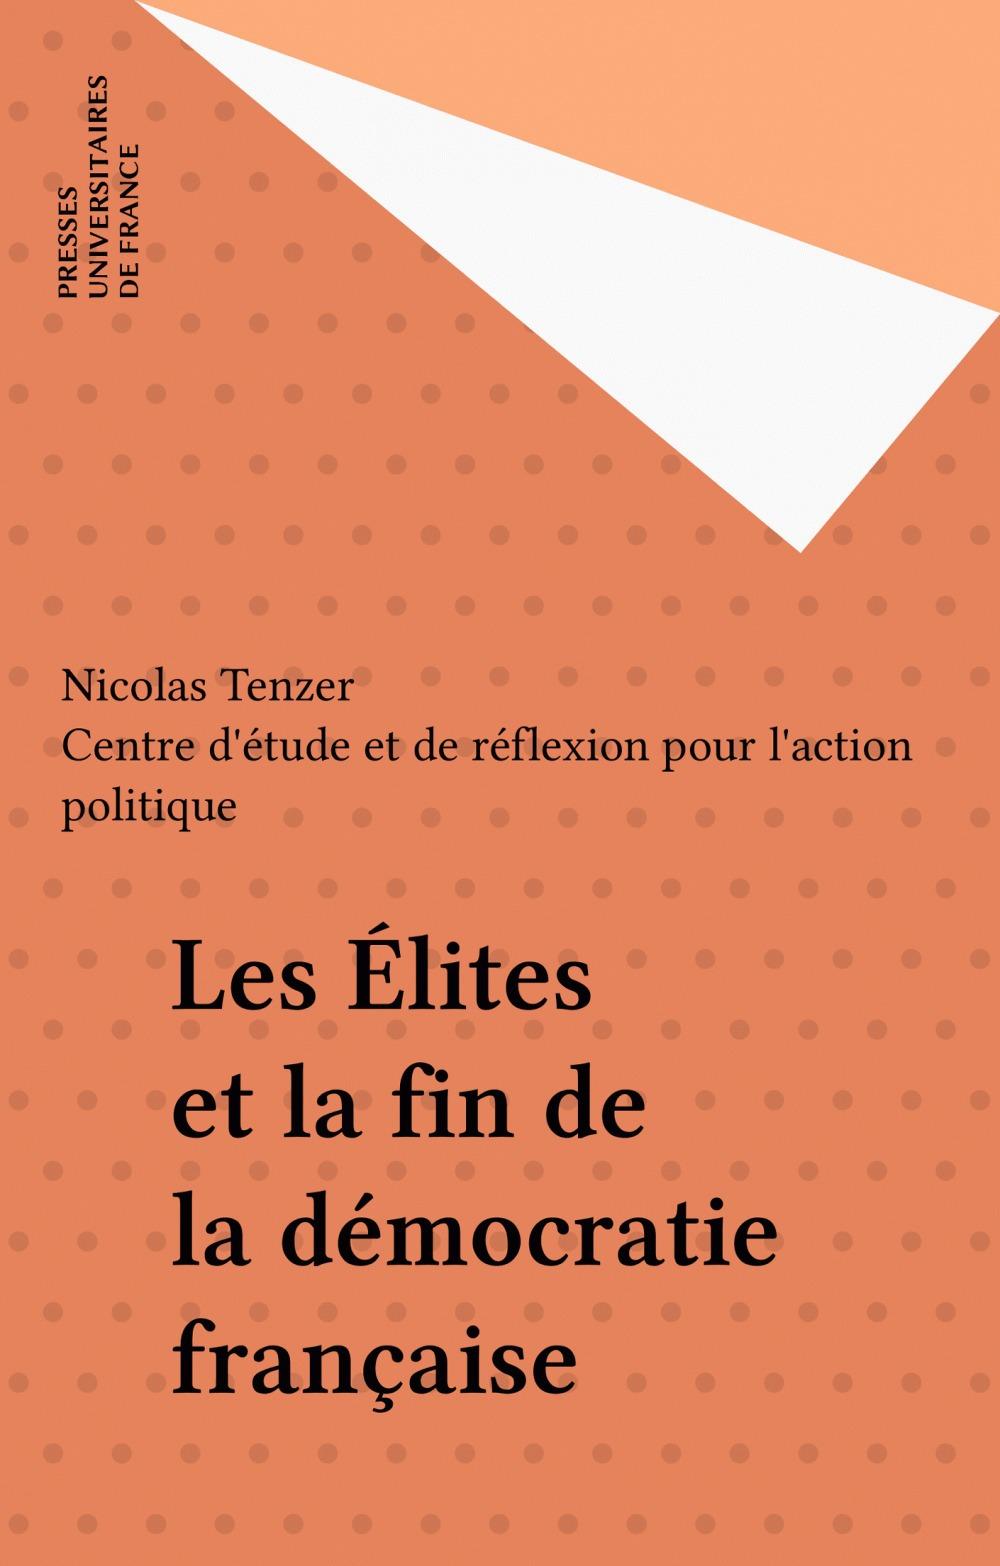 Les elites et la fin de la democratie francaise